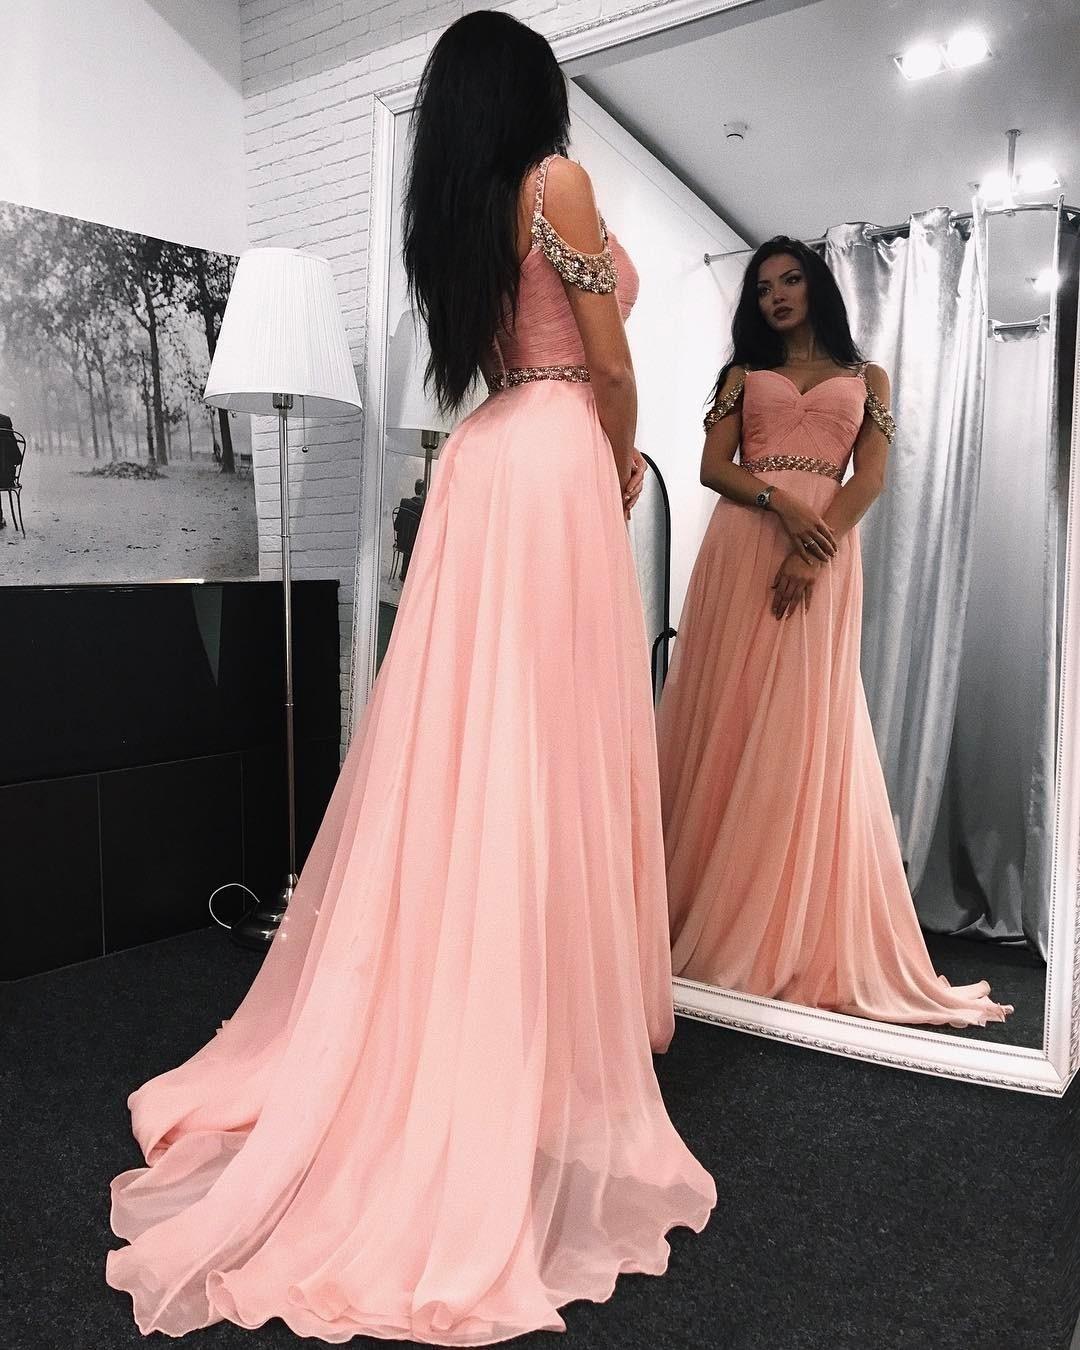 15 Einfach Abendmode Günstig für 2019Formal Schön Abendmode Günstig Boutique